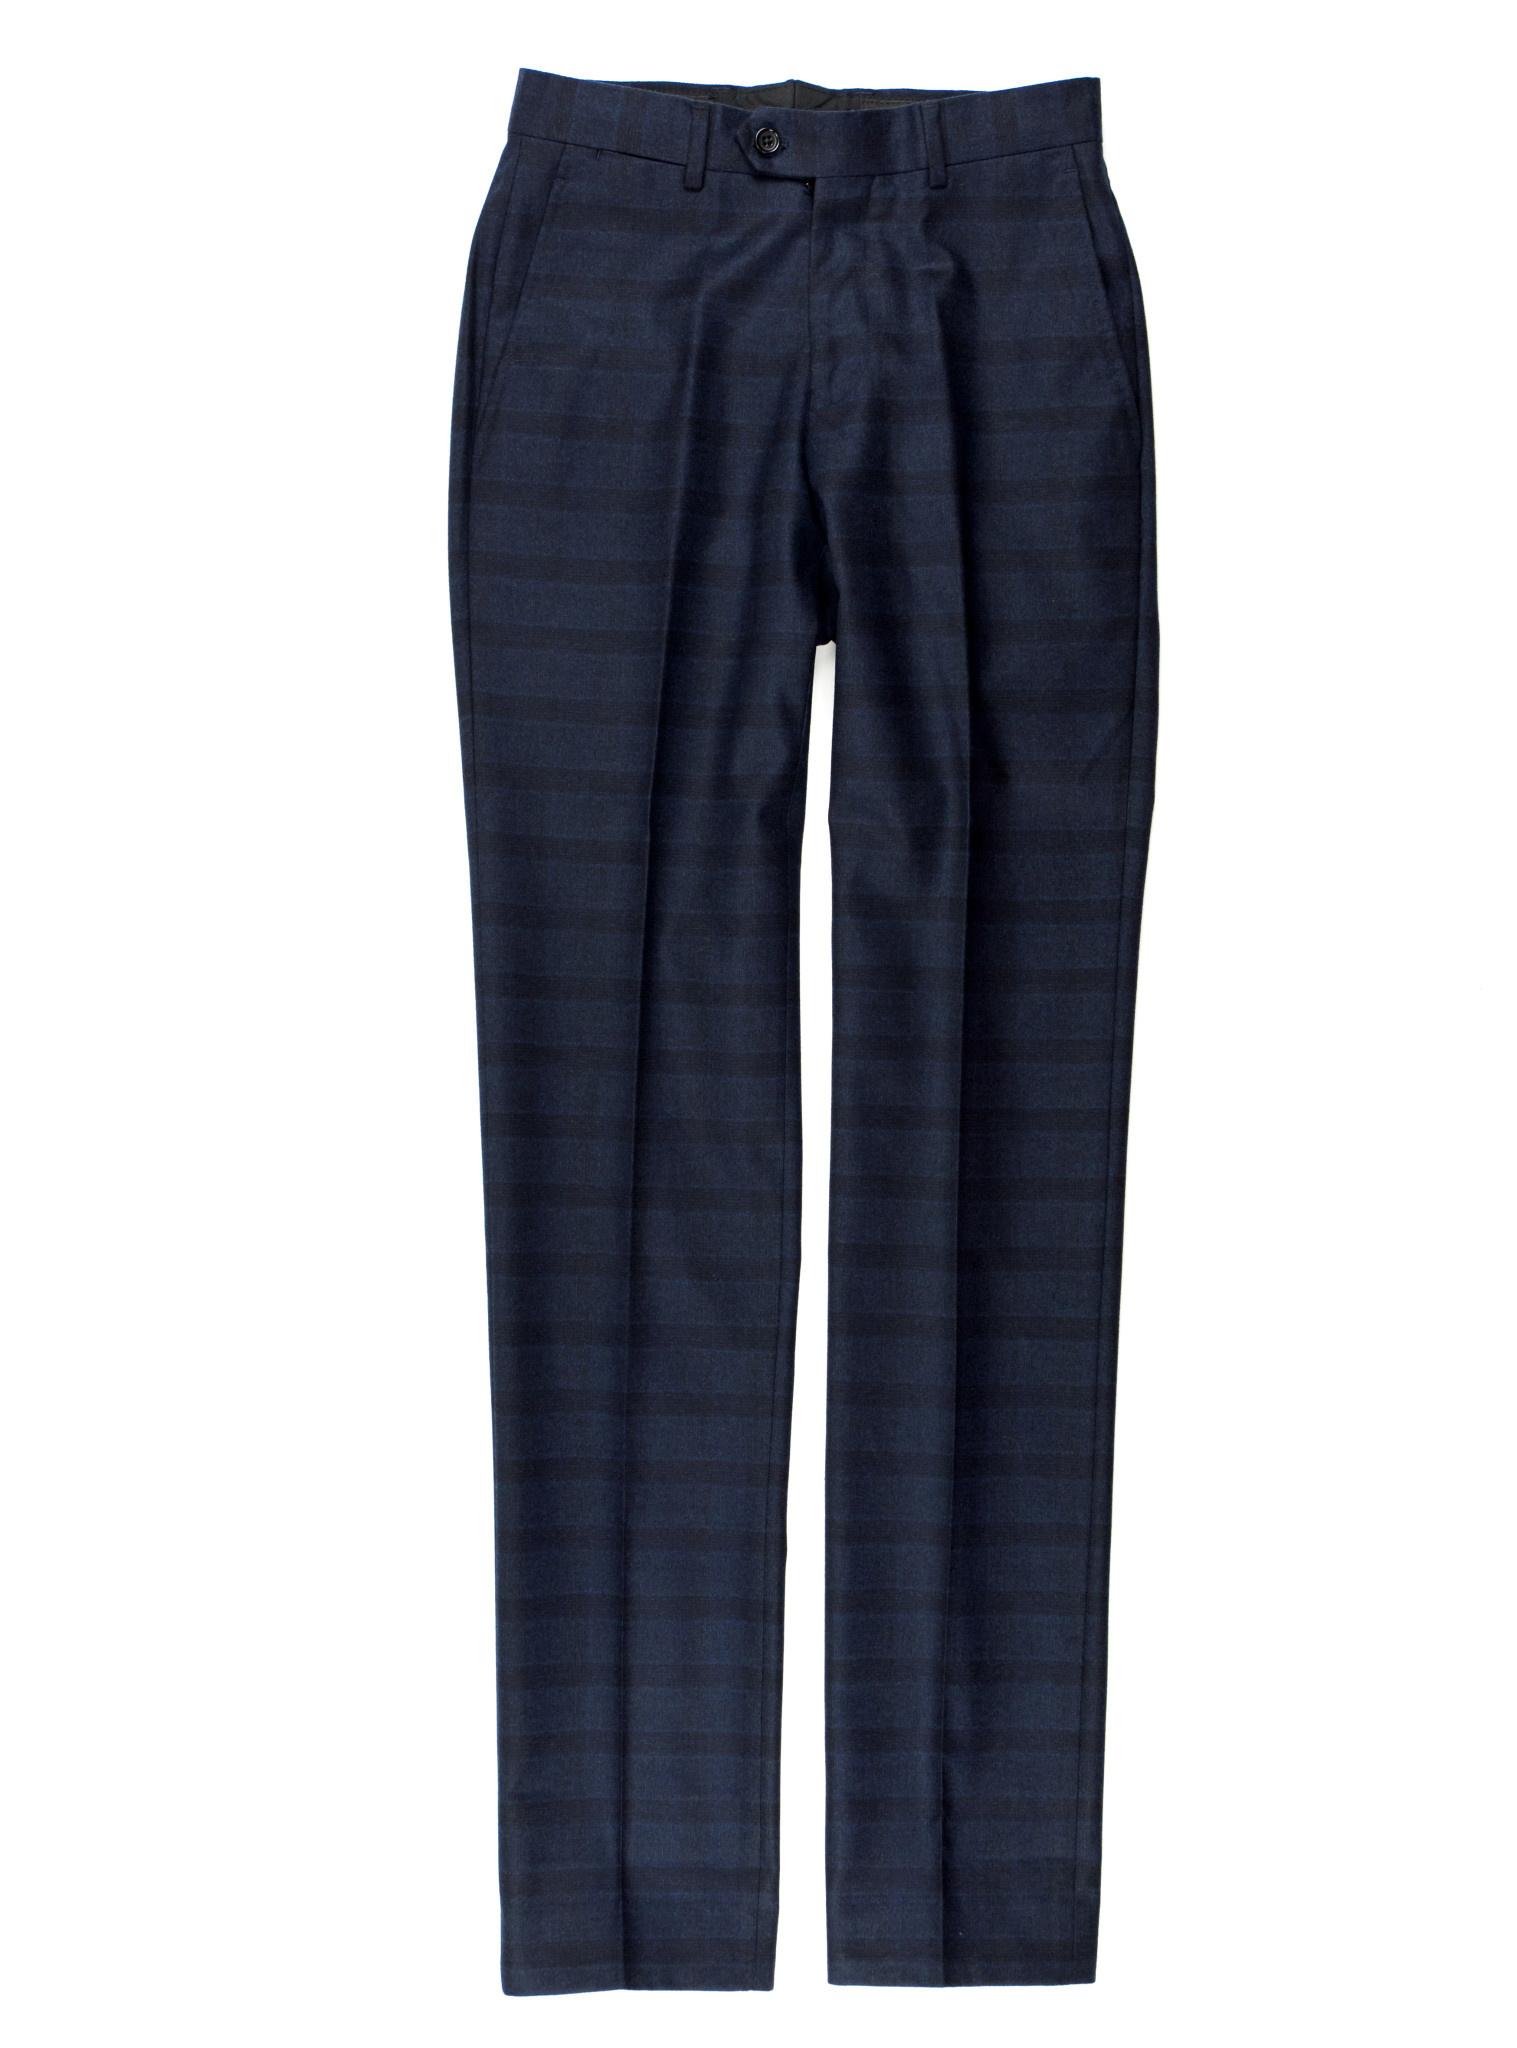 Warlow Trouser-1